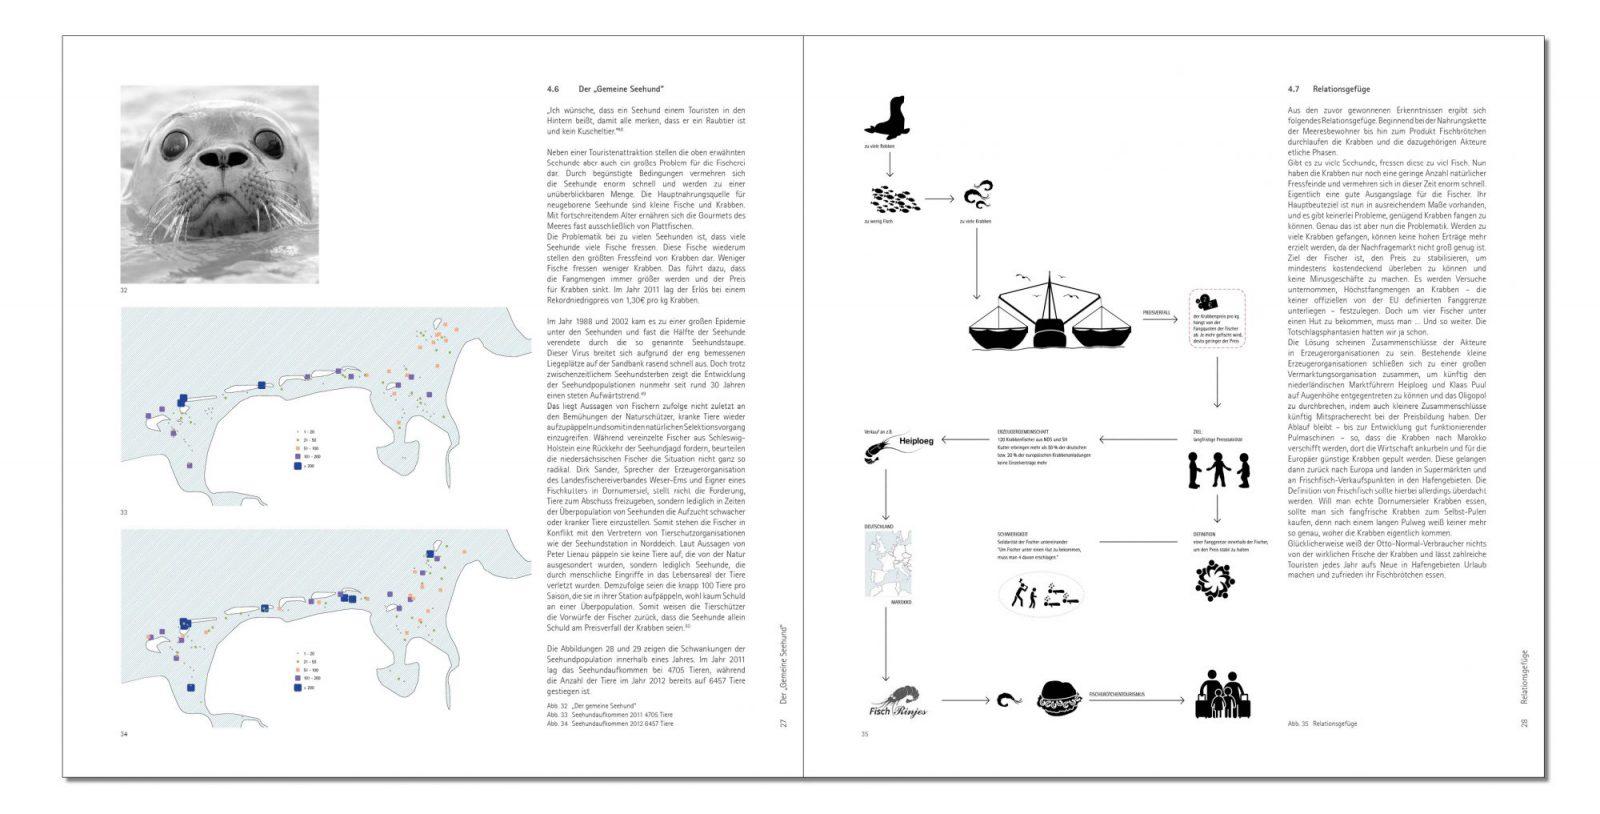 Beispielseite zur Publikation zum Thema Fischerei in Dornum